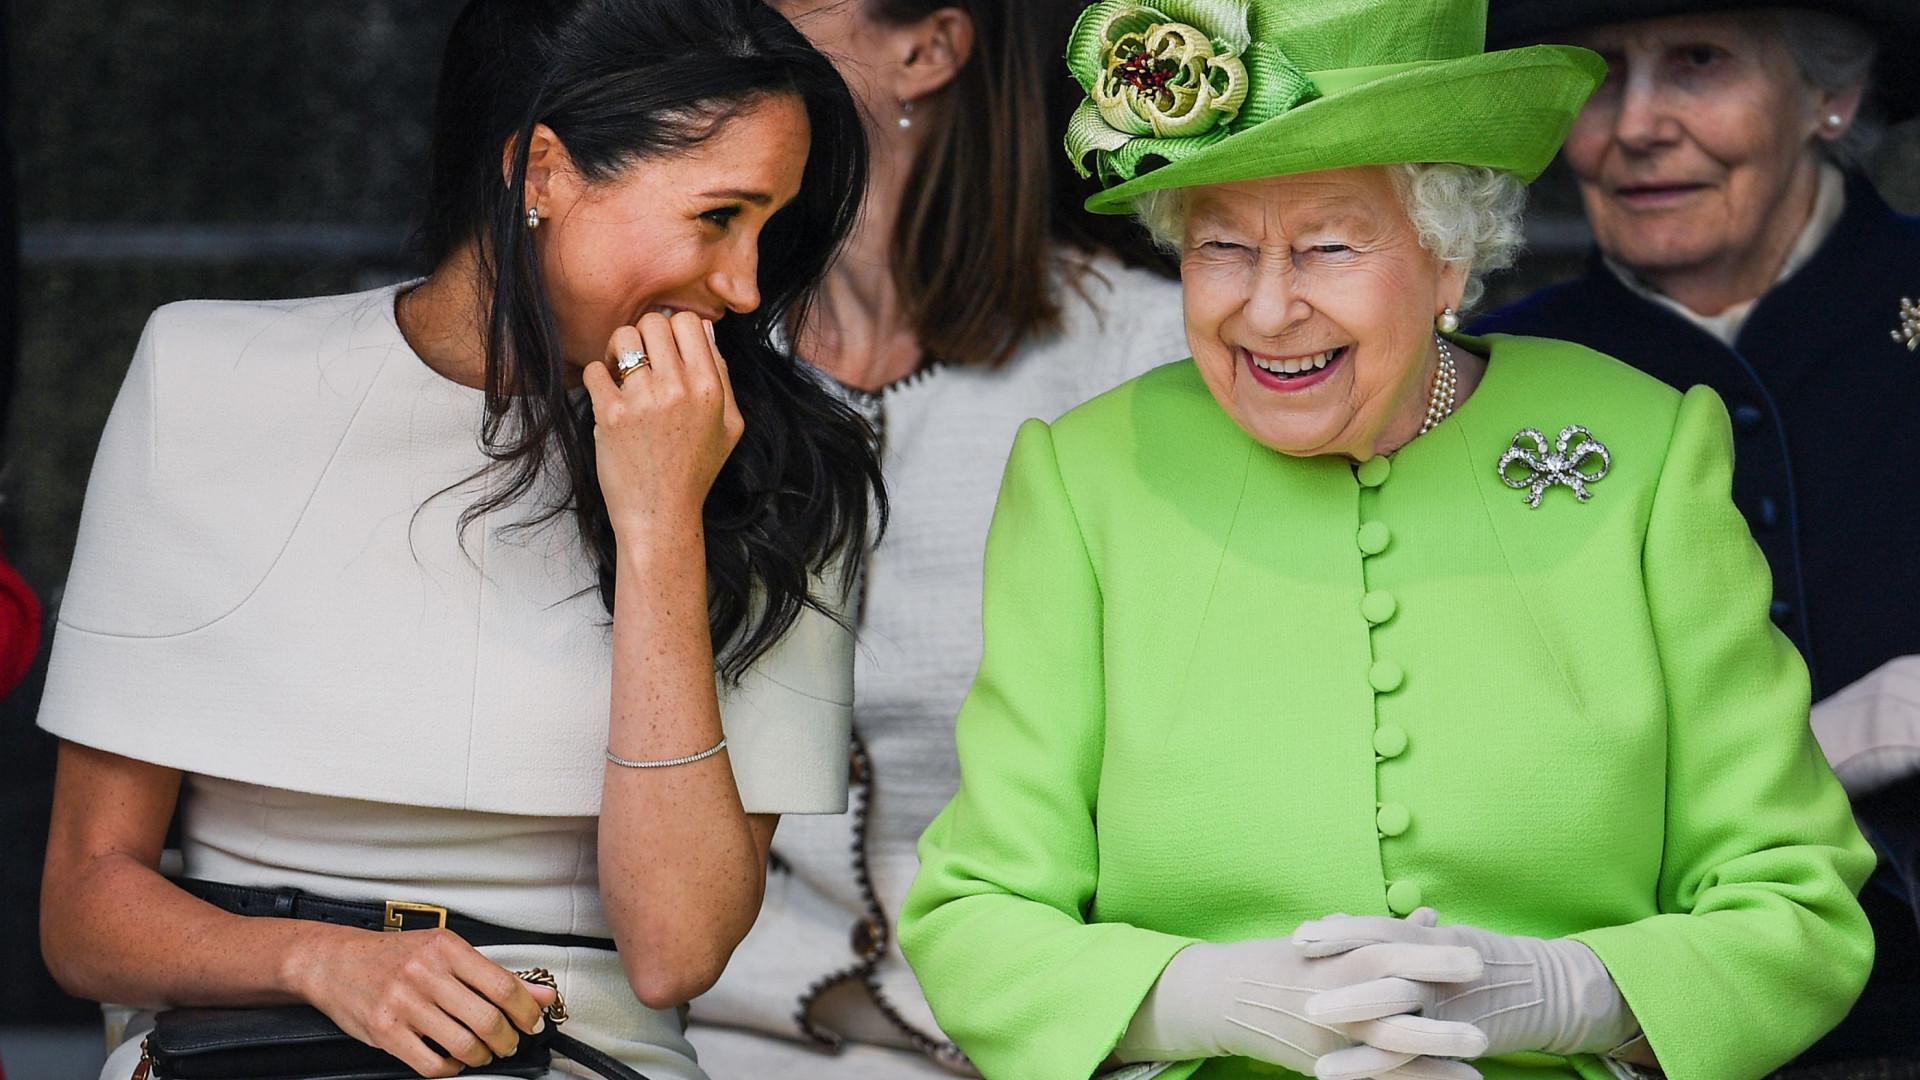 O dia de aniversário de Meghan Markle é especial para a rainha. Porquê?